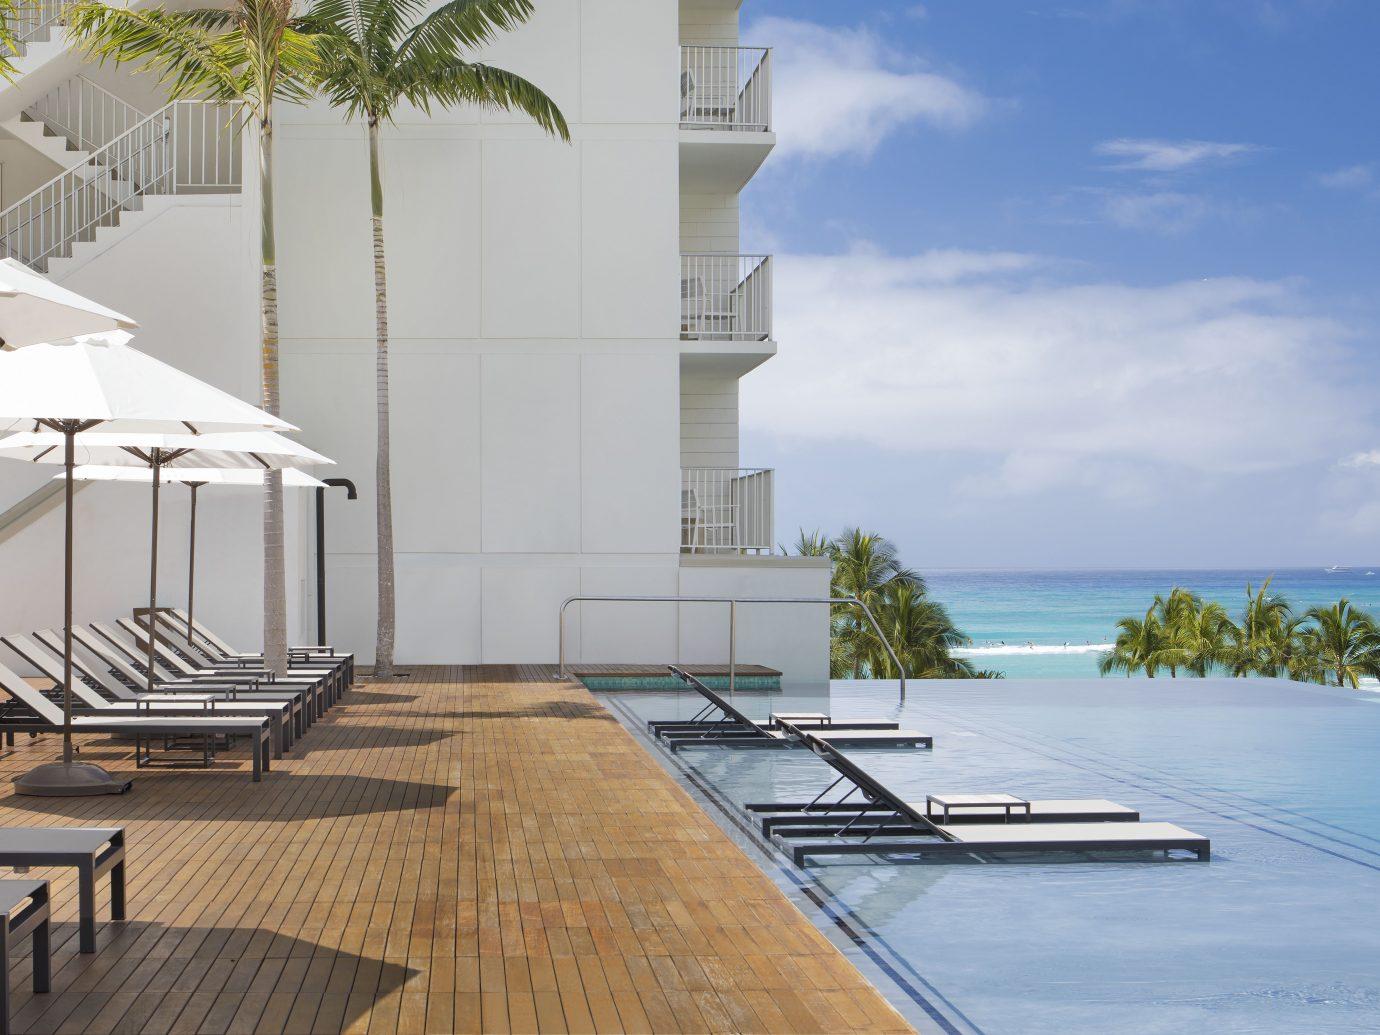 'Alohilani Resort Waikiki Beach, Hawaii